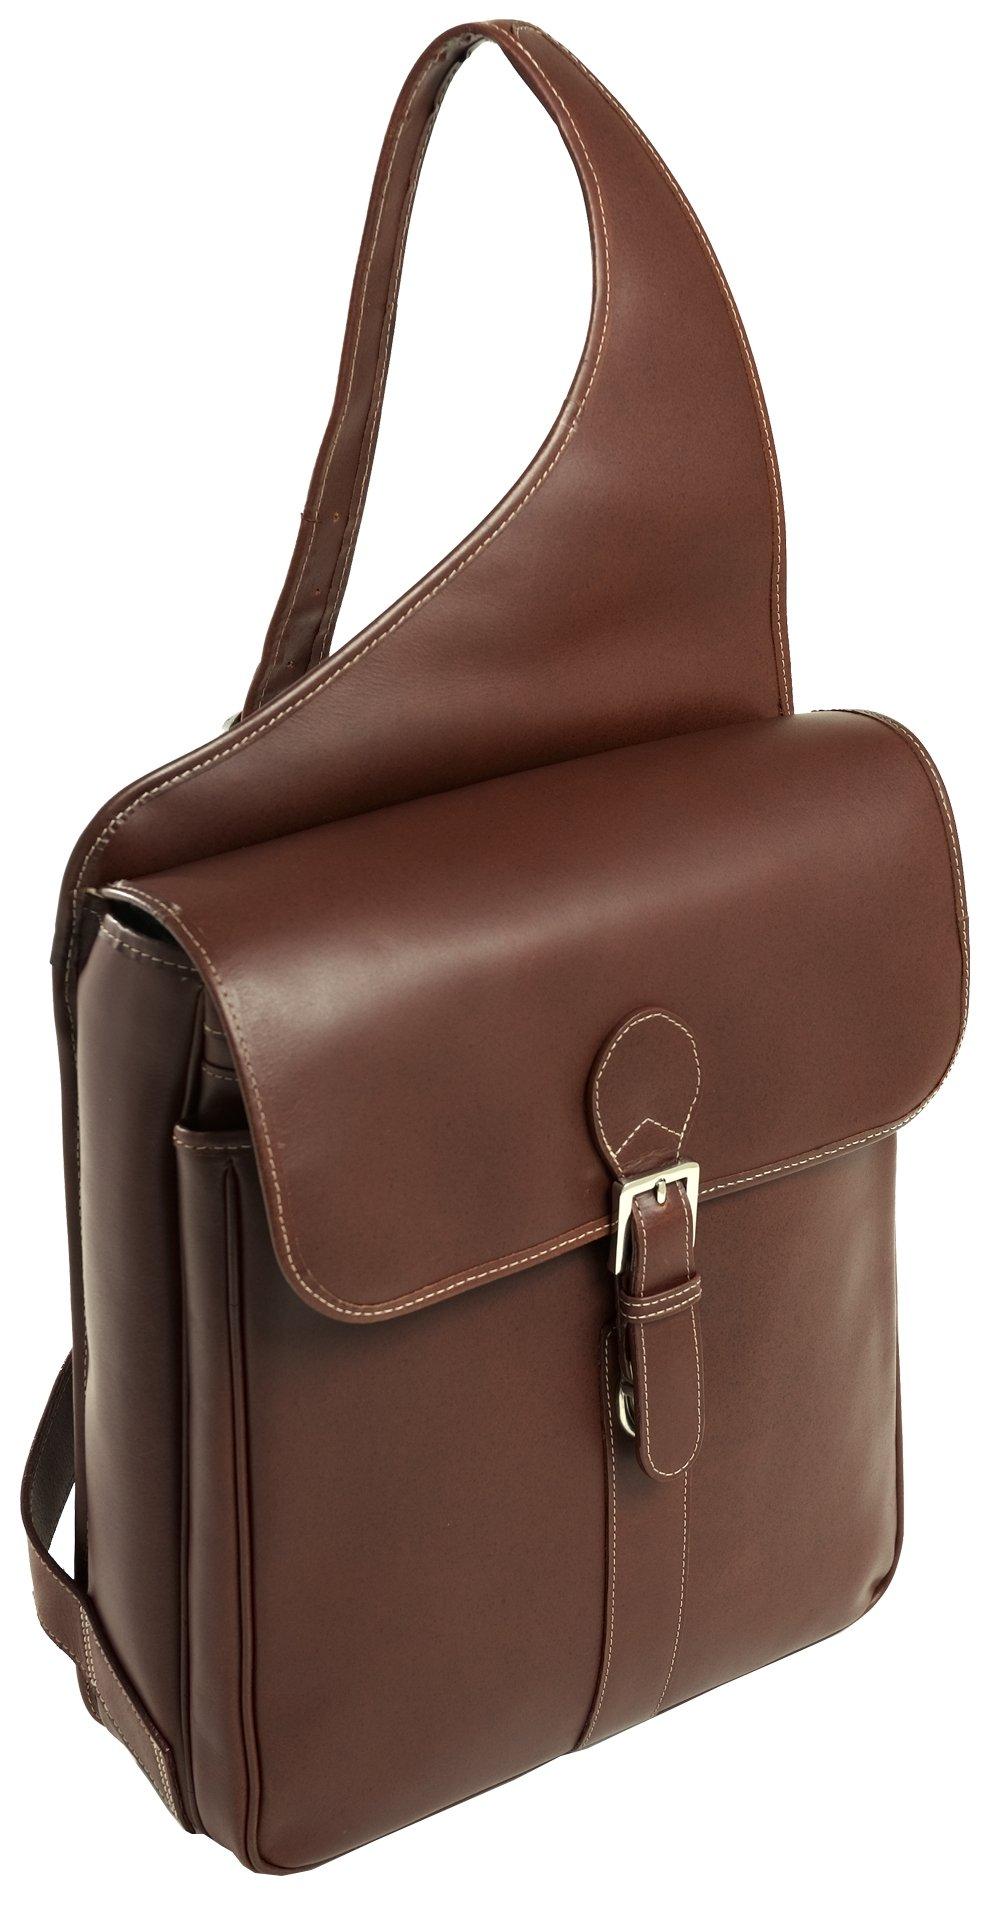 Siamod SABOTINO 25414 Cognac Leather Vertical Messenger Bag